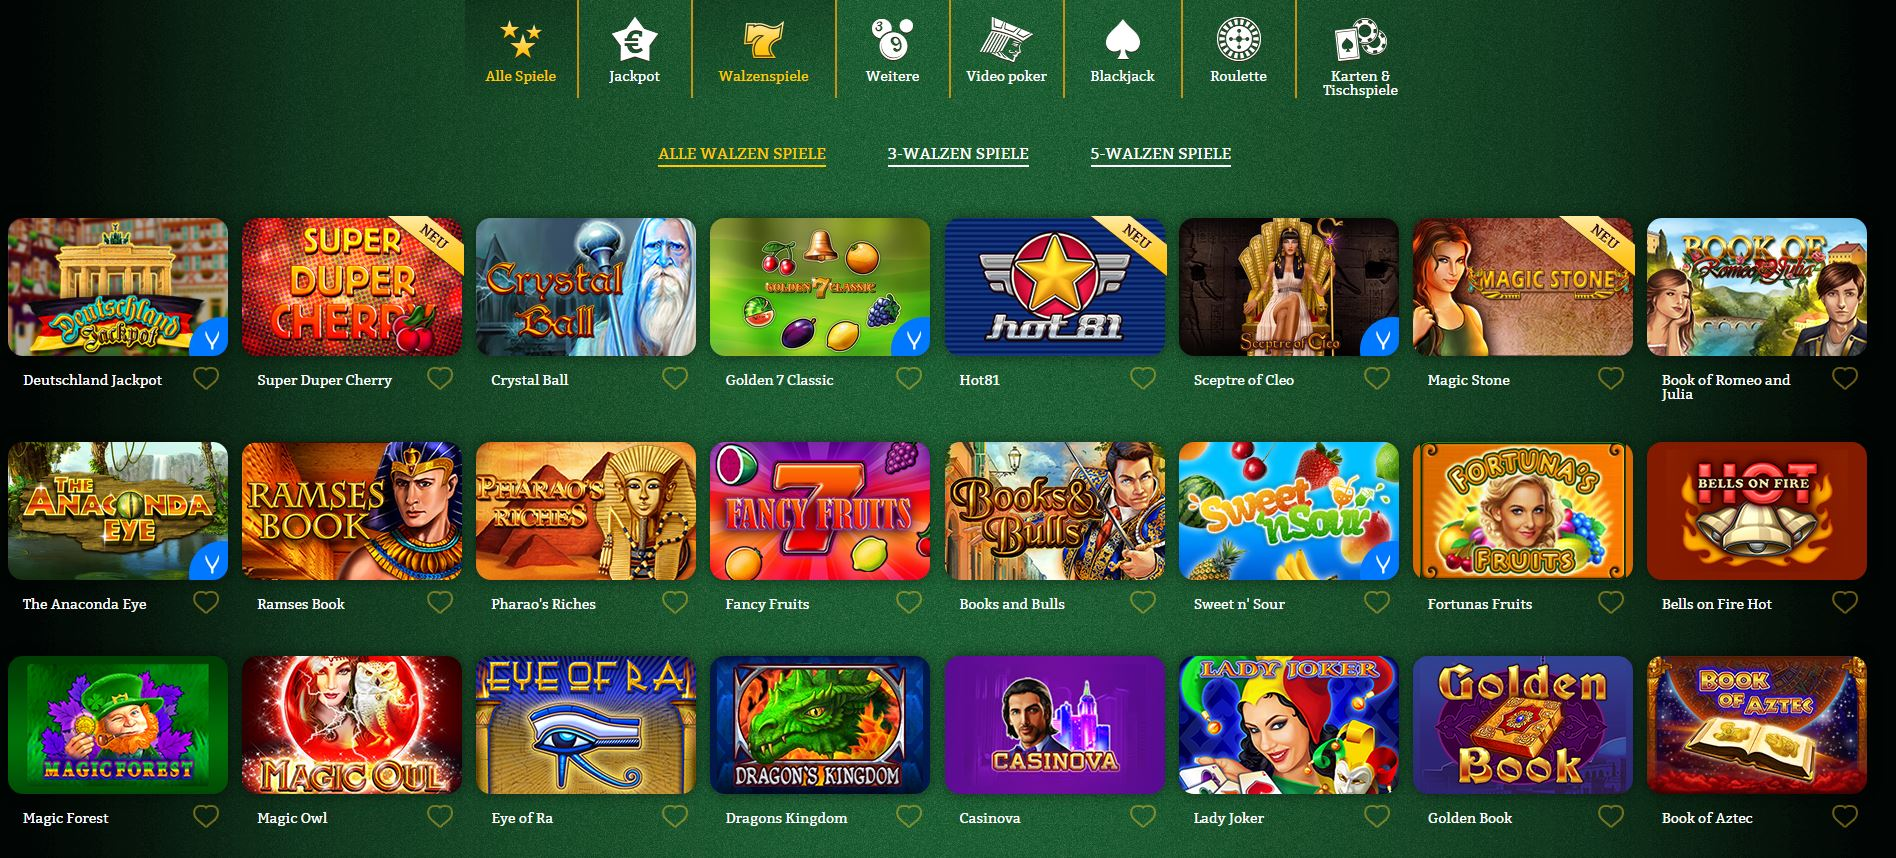 online casino gutschein onlinecasino bonus